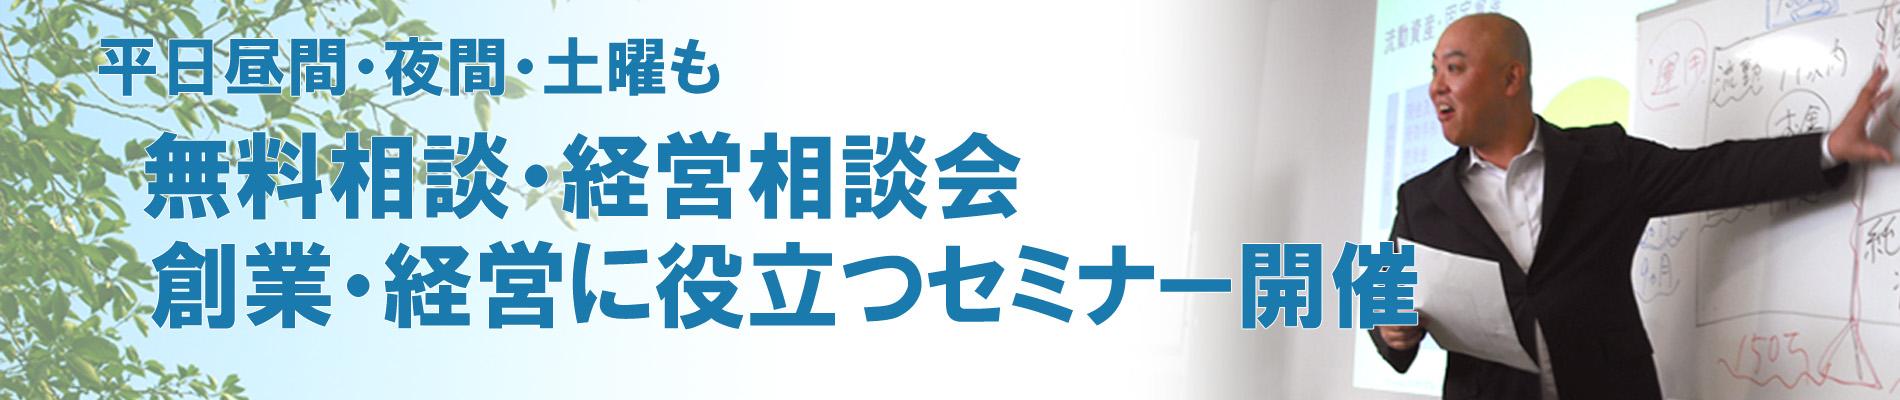 無料の経営・創業相談会・セミナー